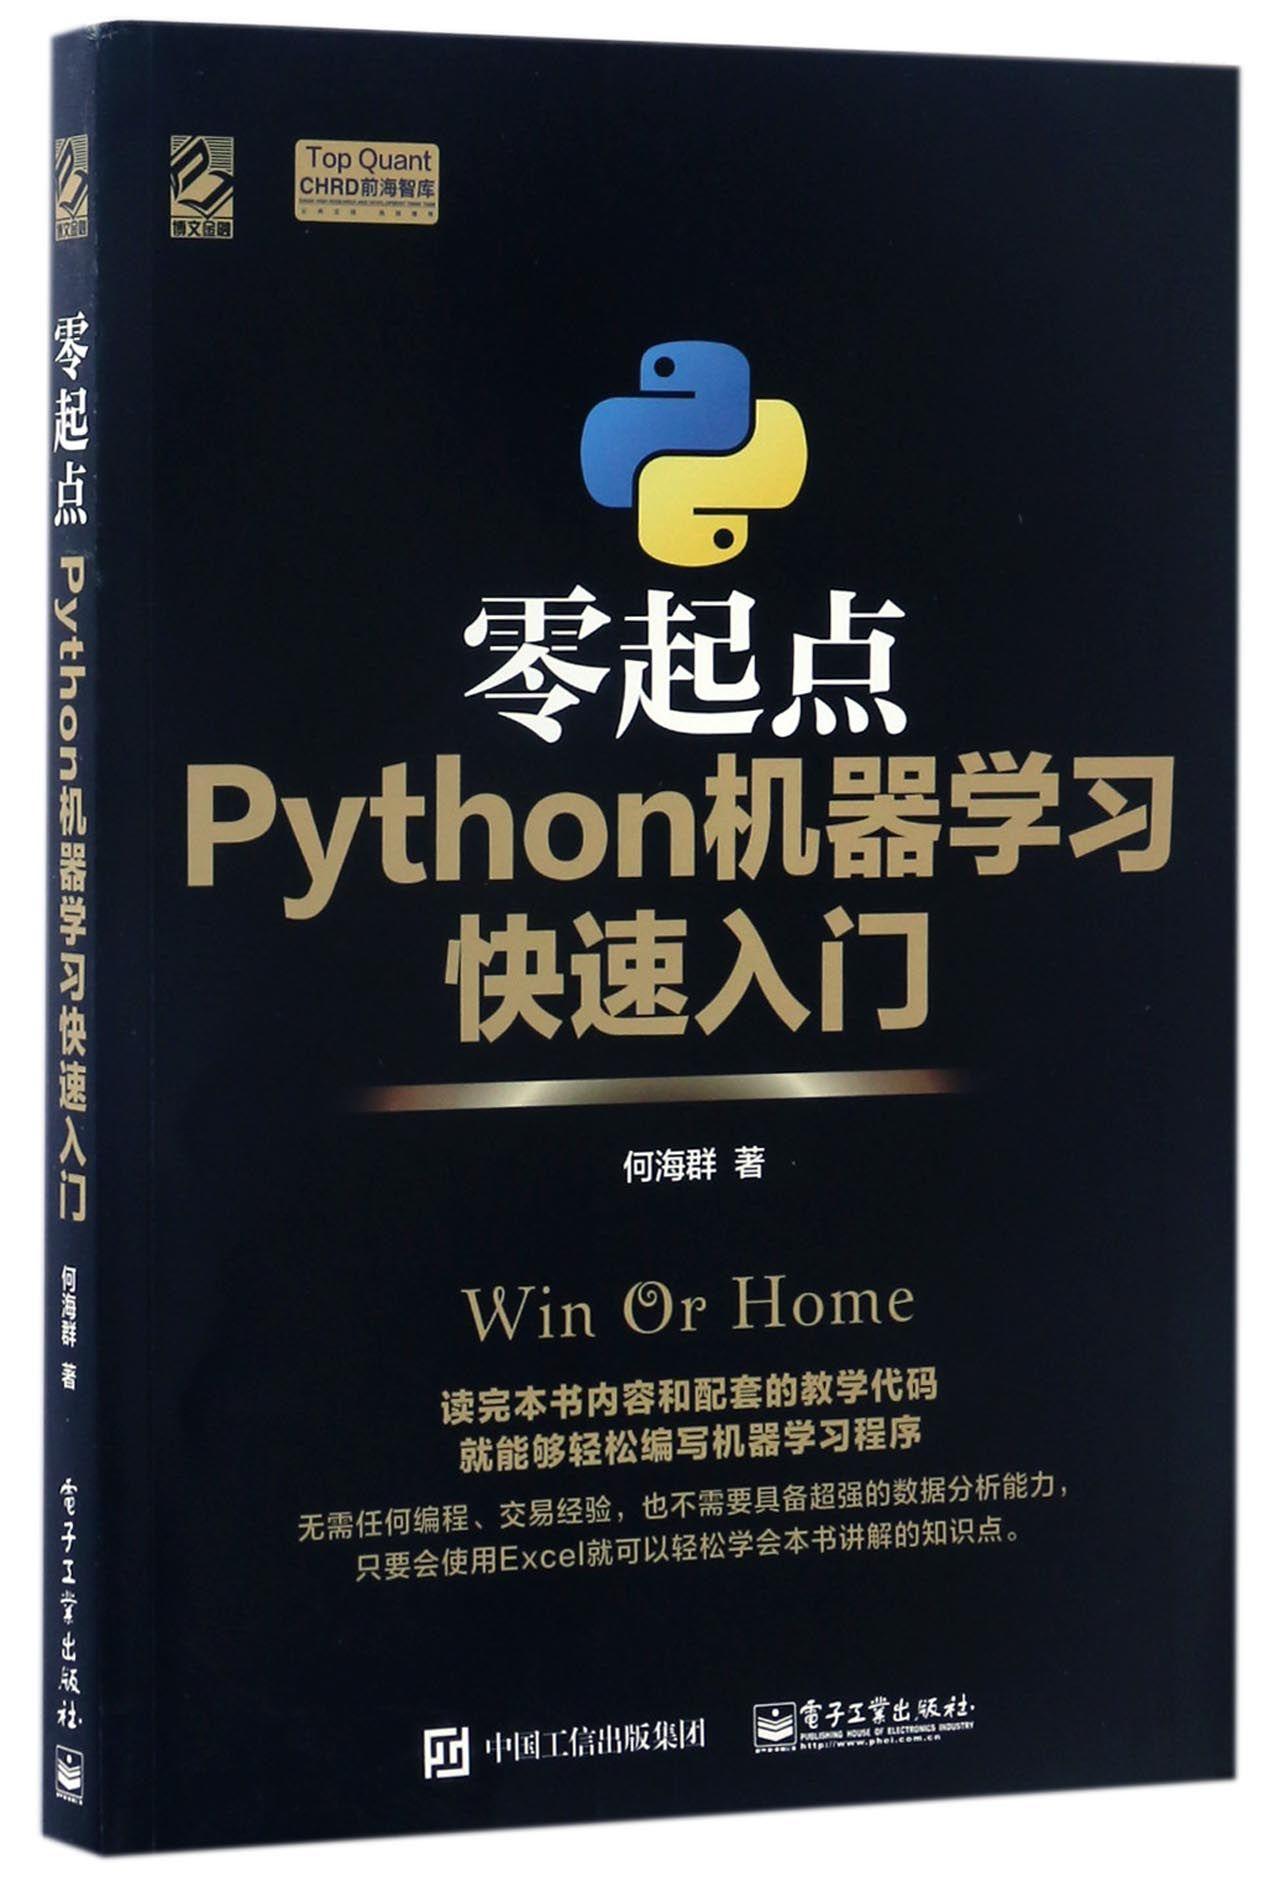 零起点Python实战v起点快速结合/TopQuantCHRD前海智库教学黑箱MBA机制案例模式入门案例一线机器